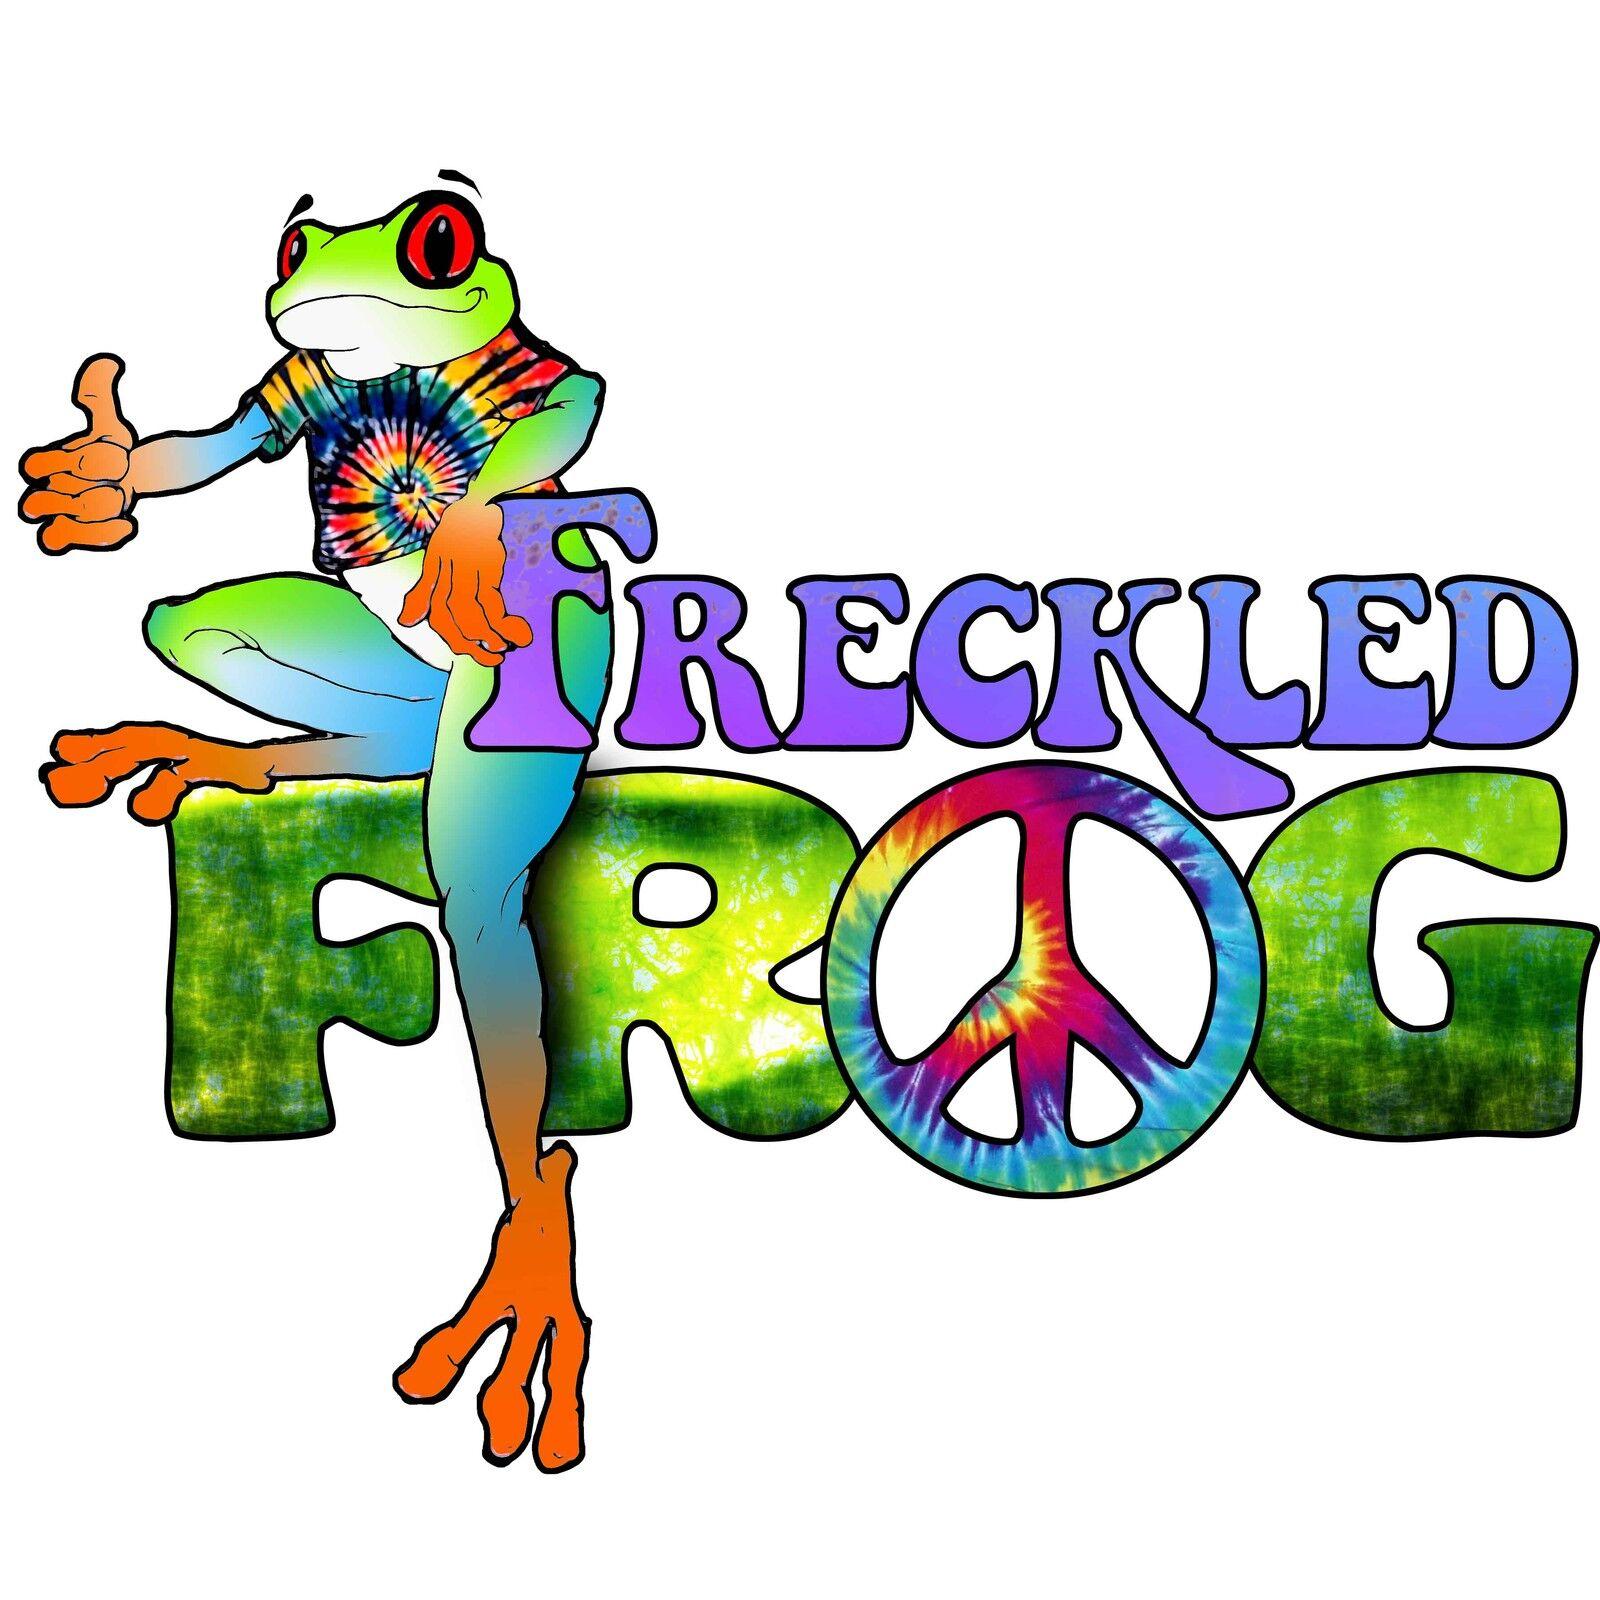 FreckledFrog